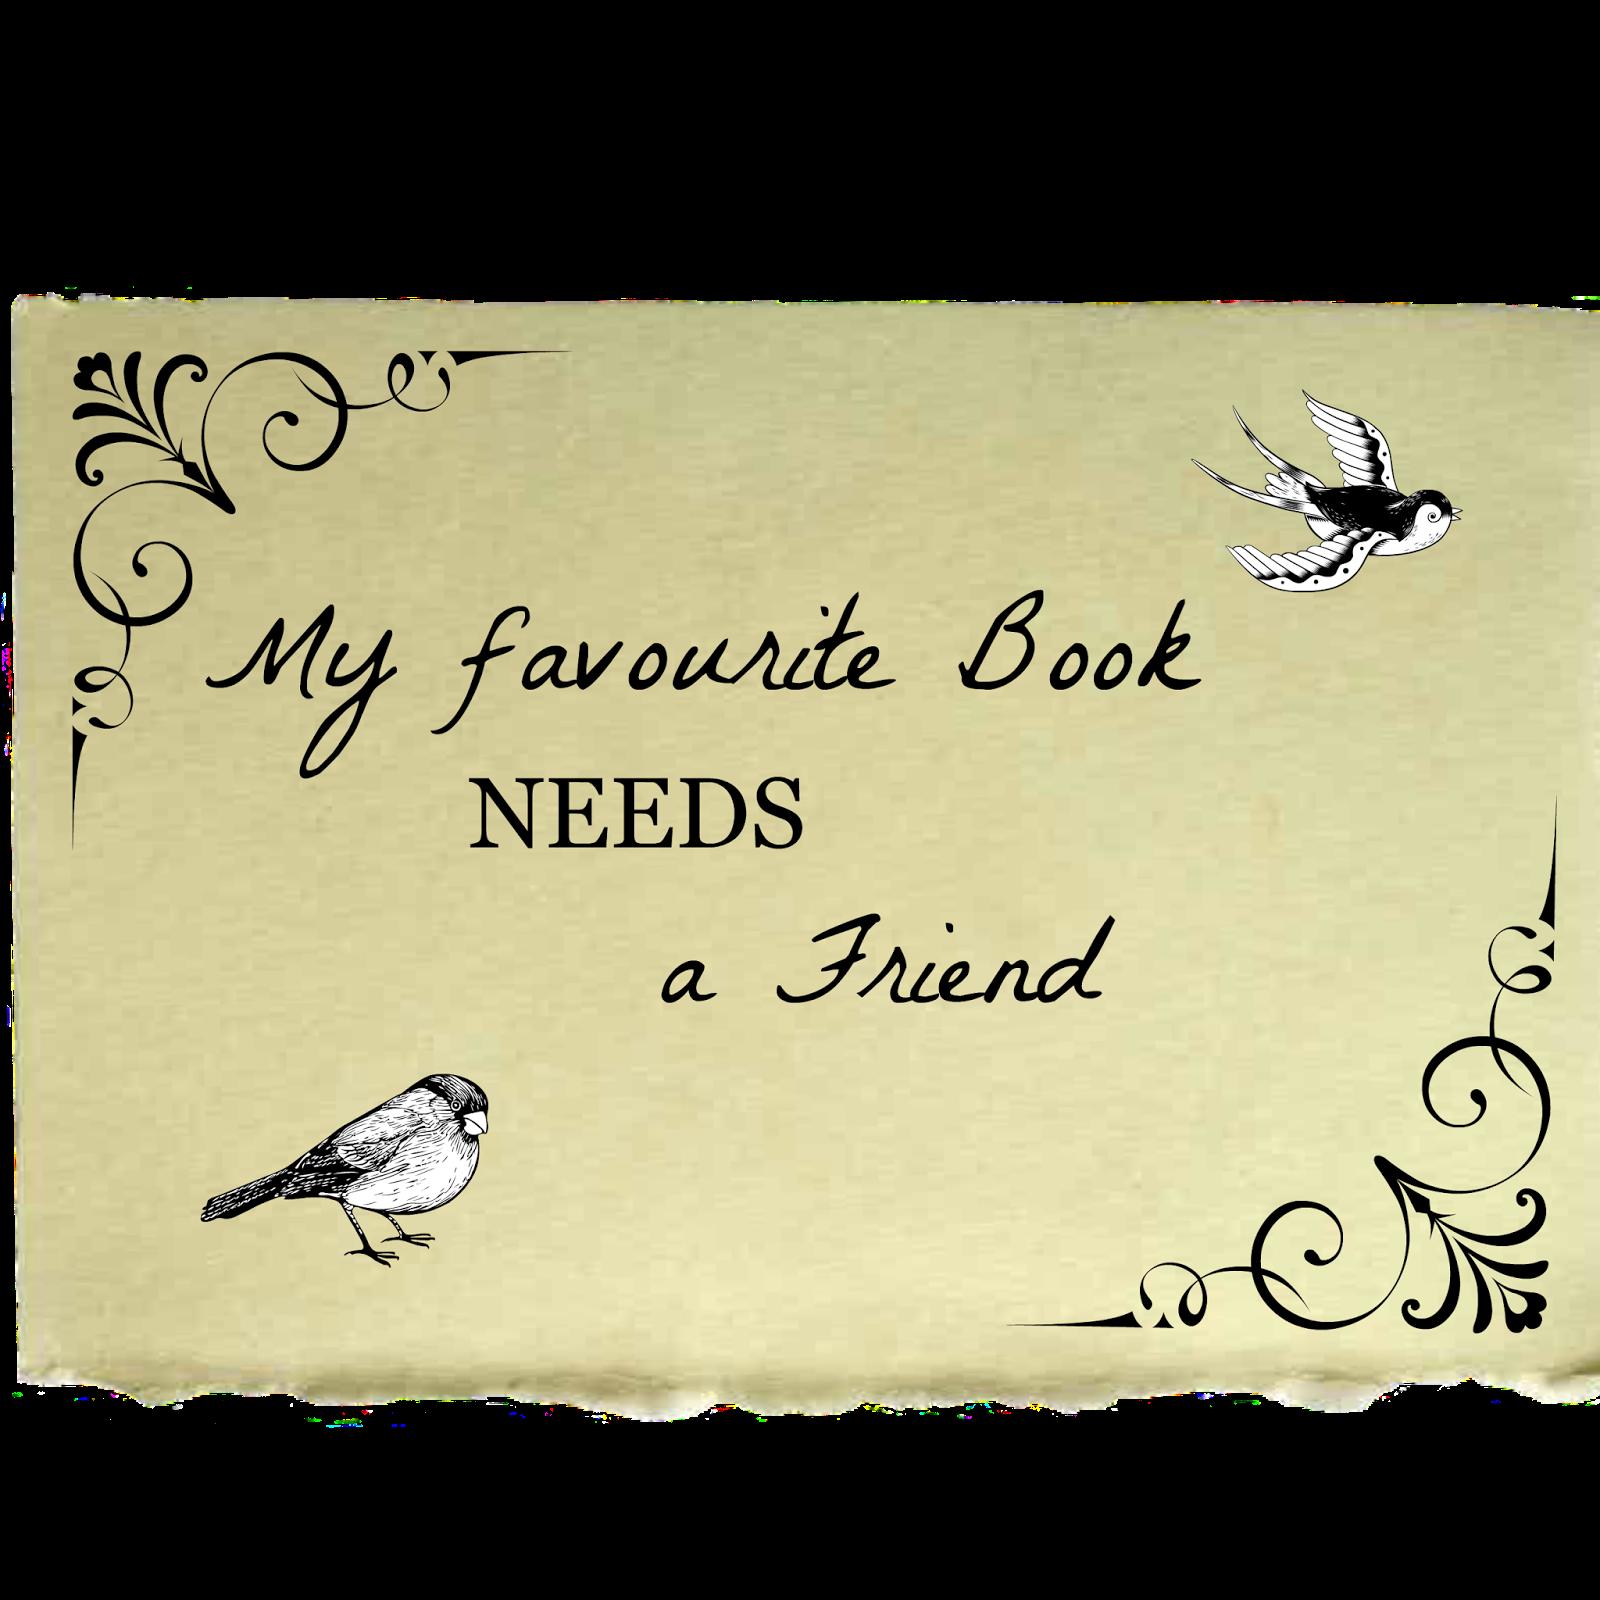 http://ilys-buecherblog.blogspot.de/p/my-favorite-book-needs-friend.html